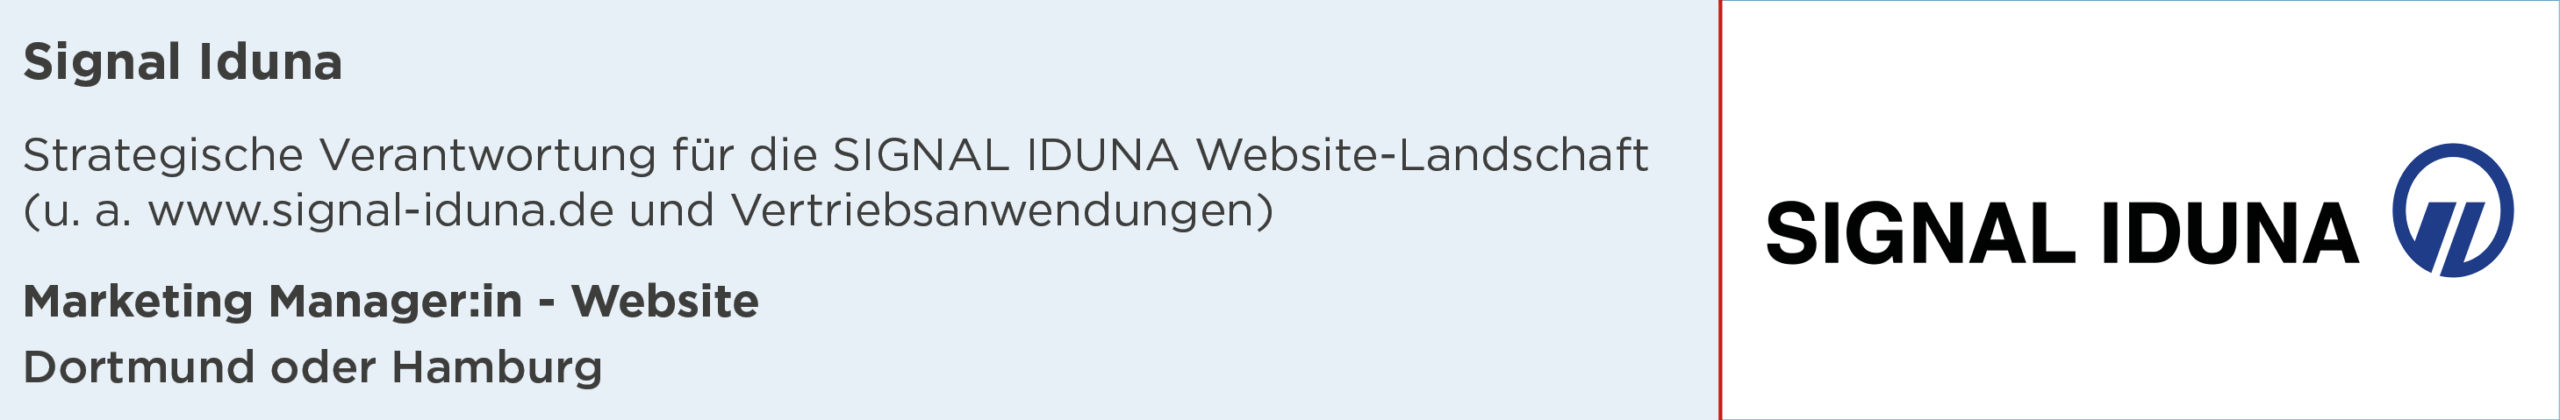 Signal Iduna, Stellenanzeige, Marketing Manager, Website, dortmund, hamburg